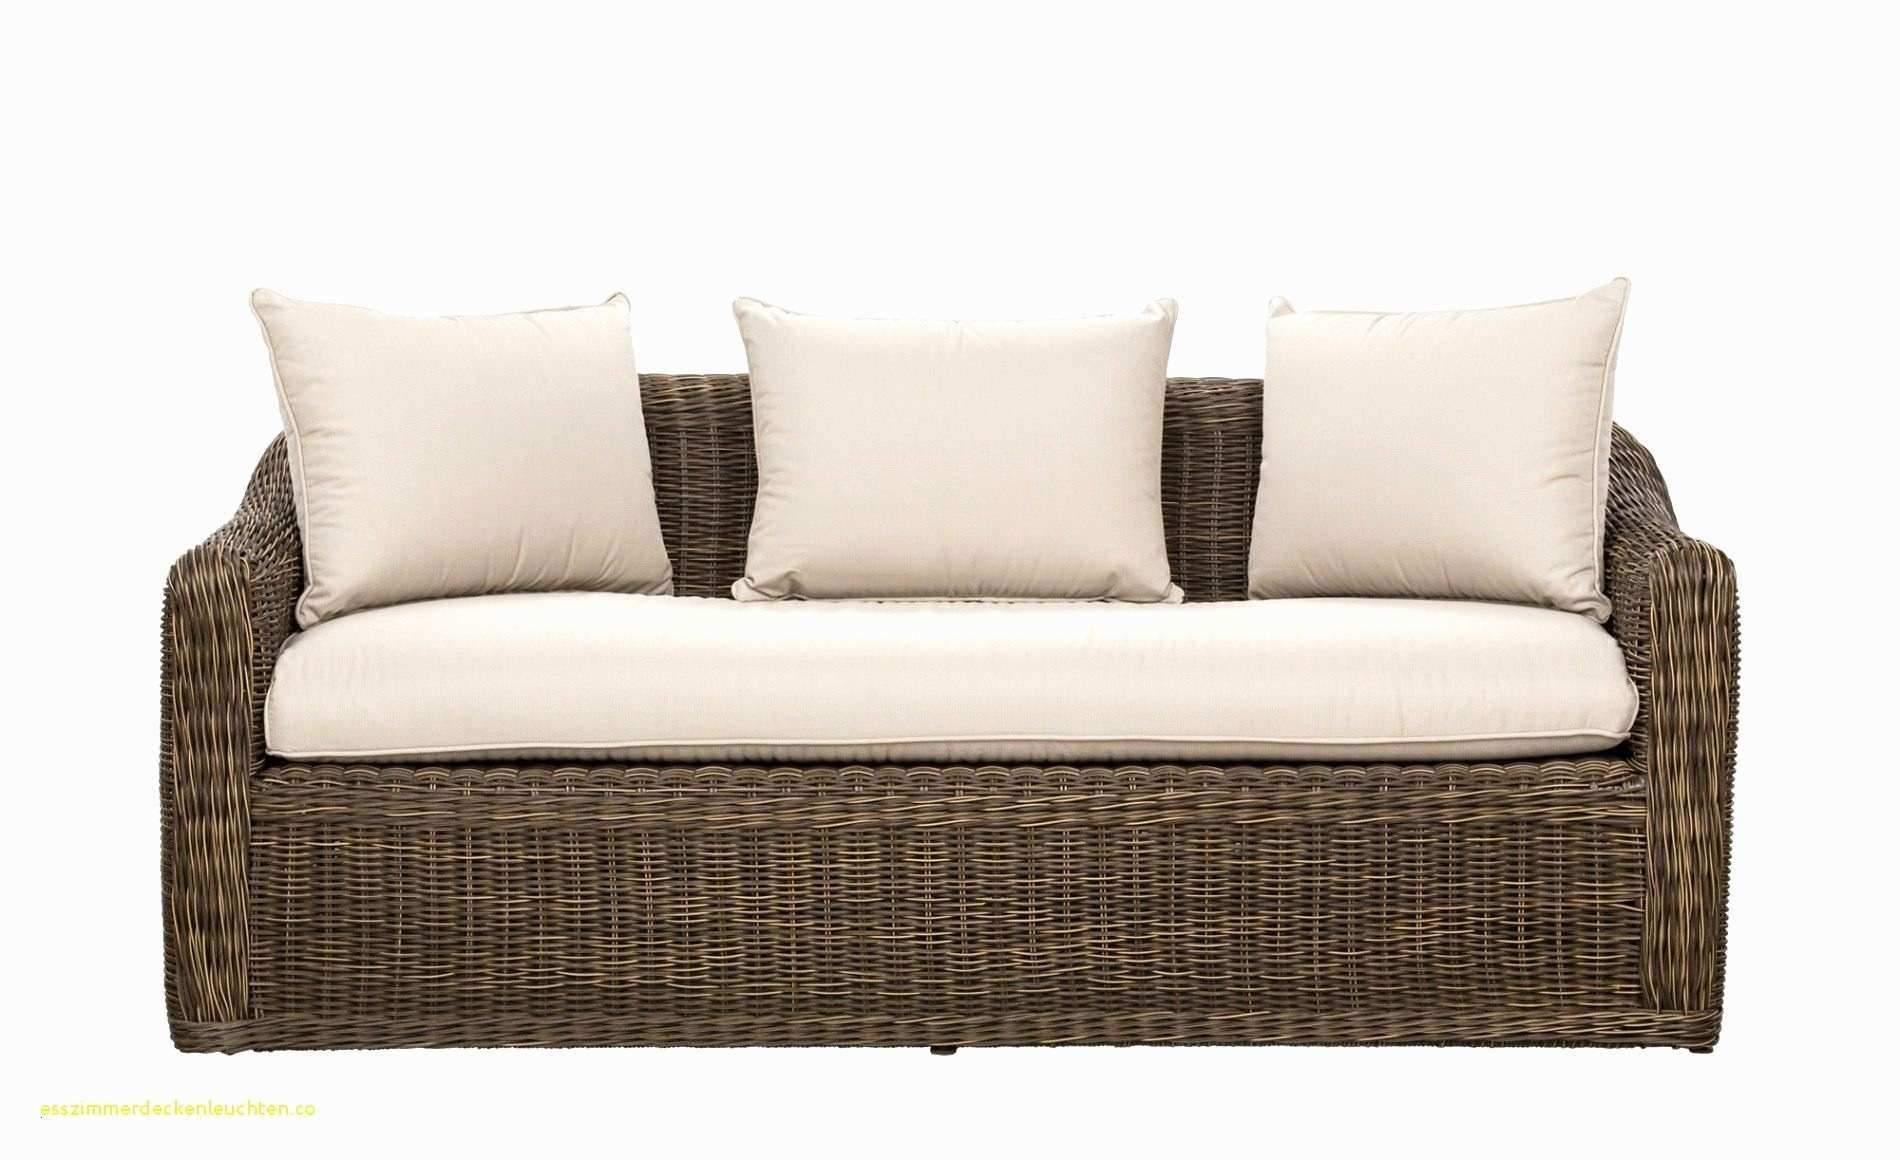 sofa mit sessel inspirierend couch klein beste couch neu beziehen best sessel beziehen 0d of sofa mit sessel